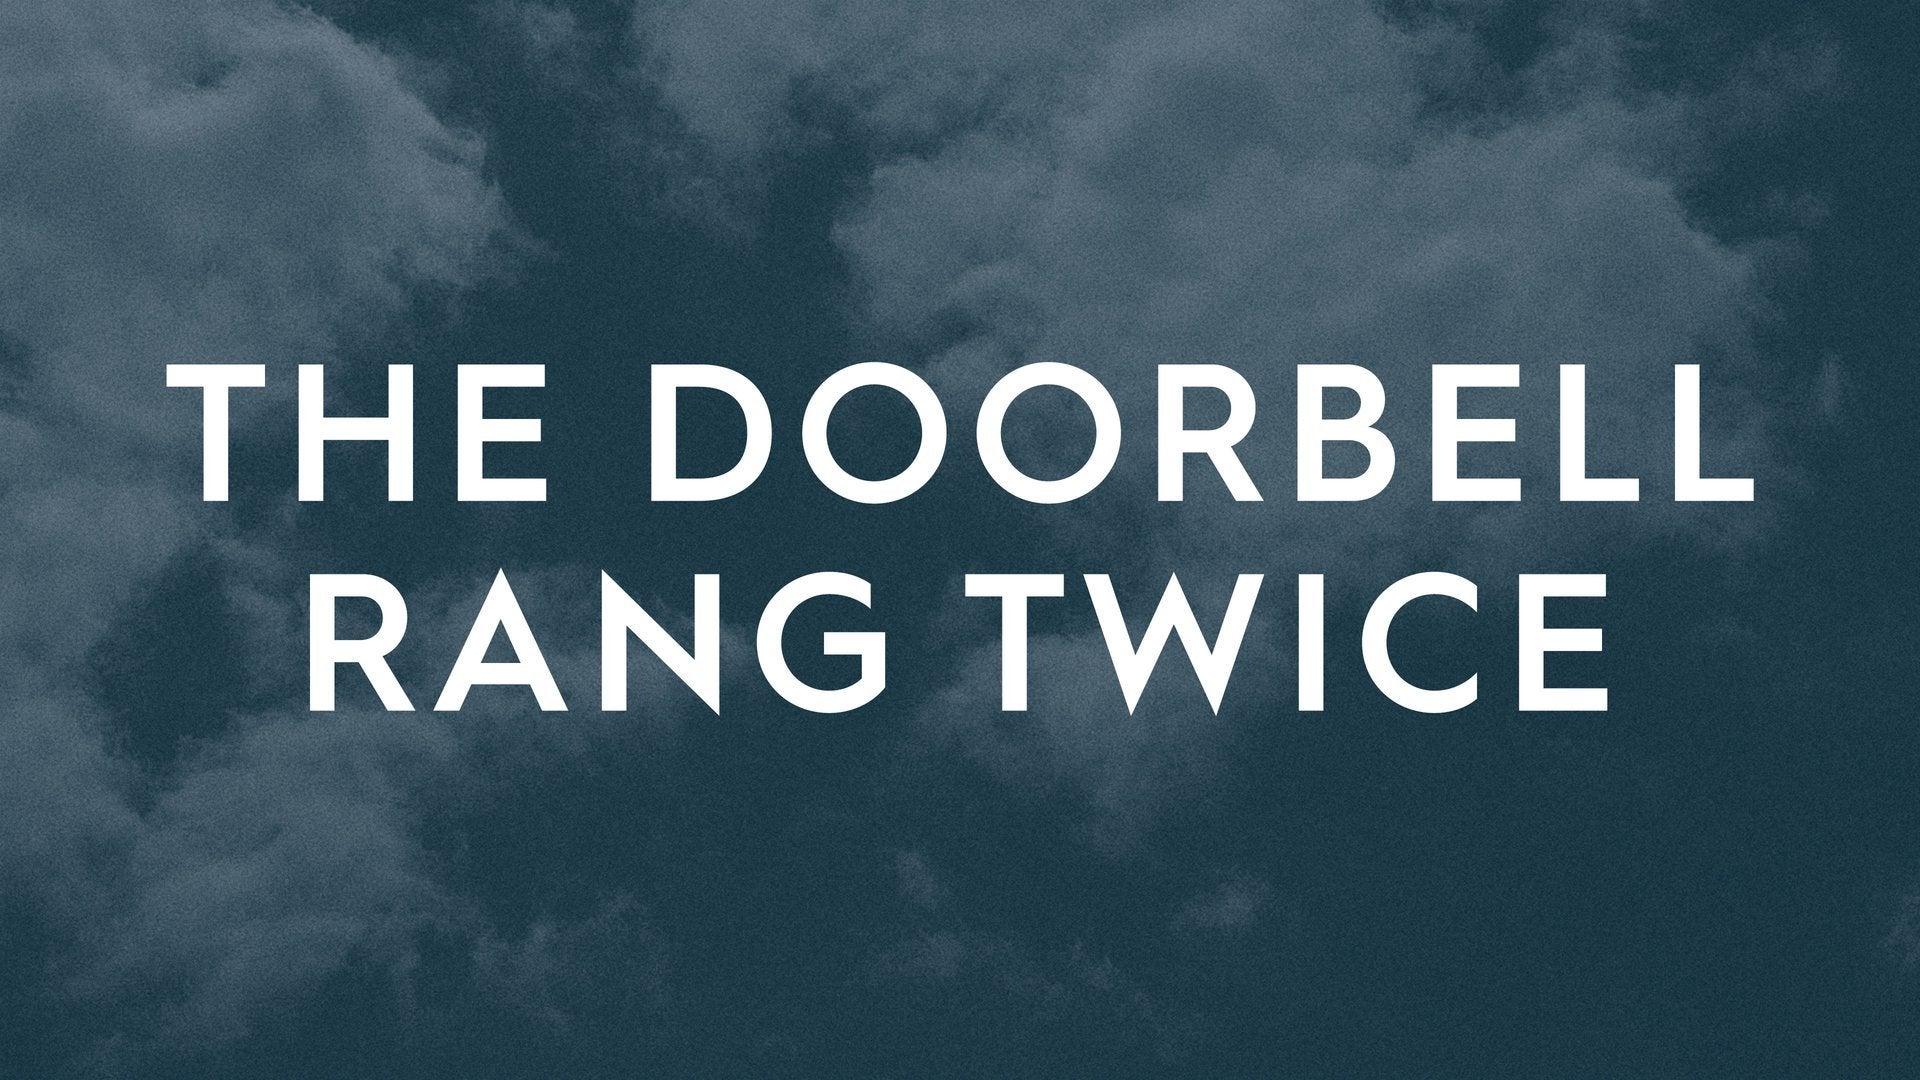 The Doorbell Rang Twice